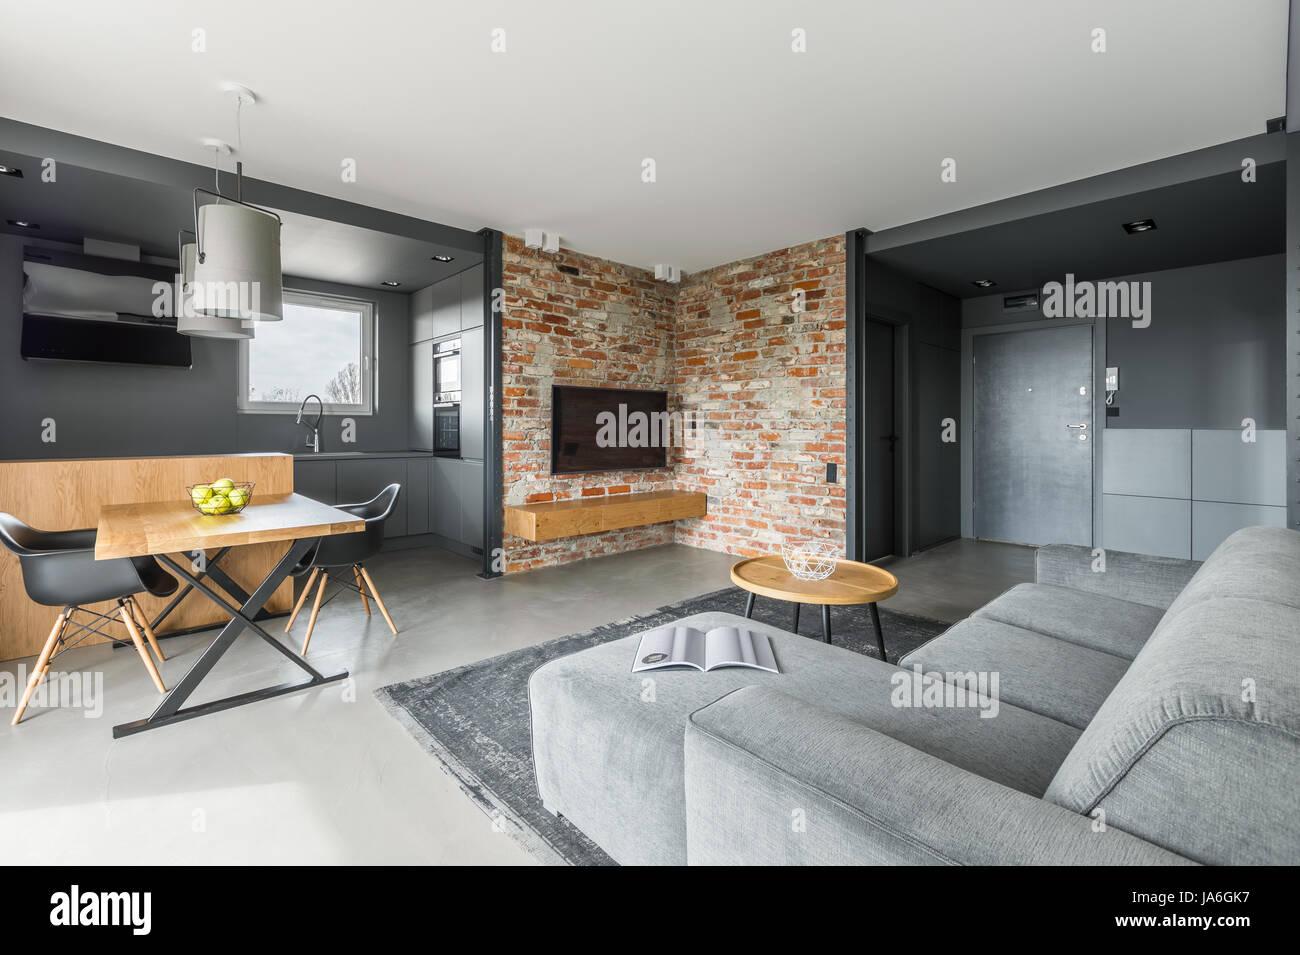 Graue und weiße Wohnung im industriellen Stil mit offener Wohn- und ...